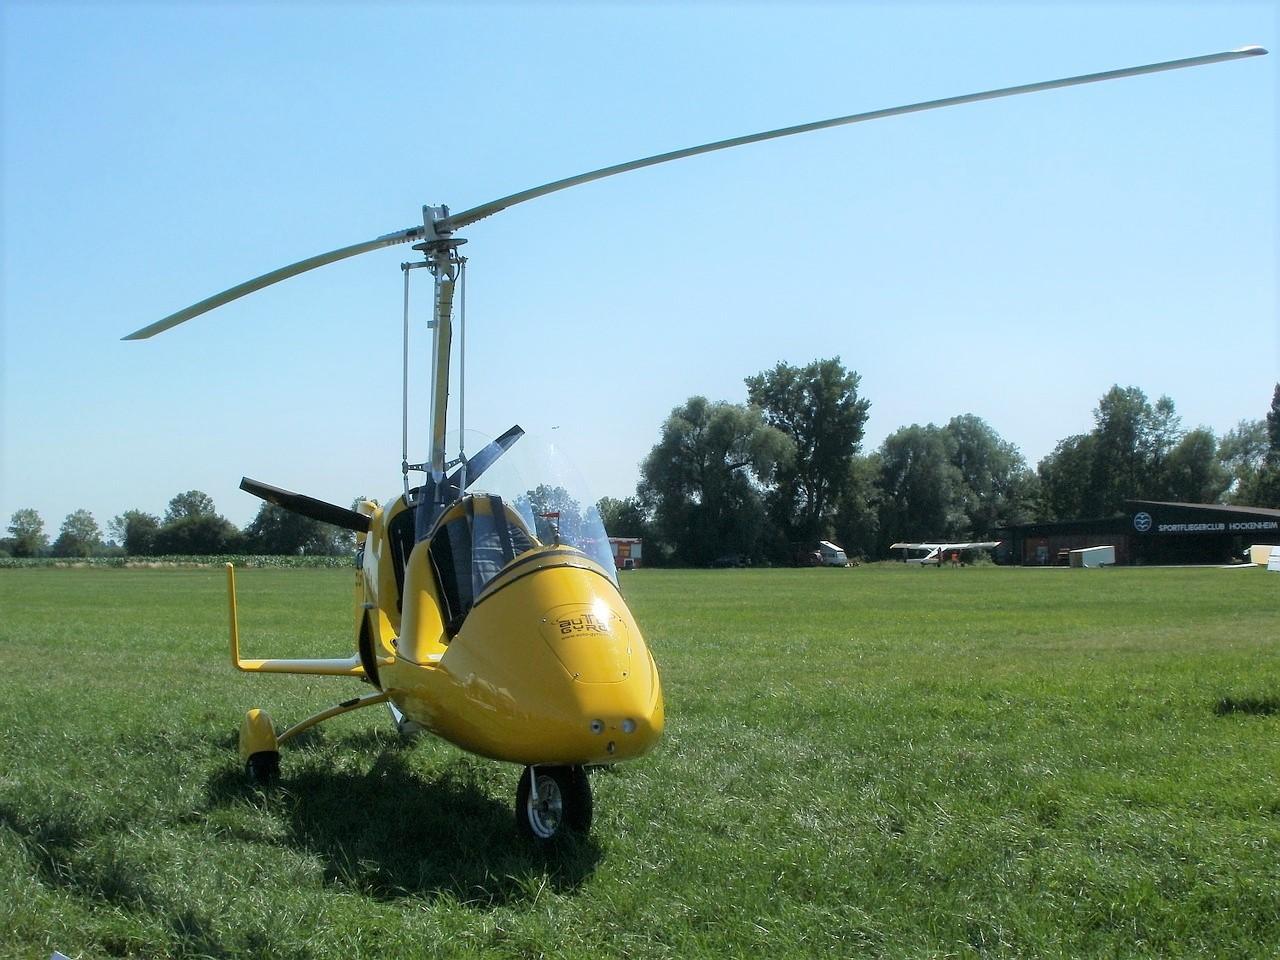 L'appareil qui s'est écrasé à Flavacourt est un autogyre biplace de ce type (Illustration © Pixabay)